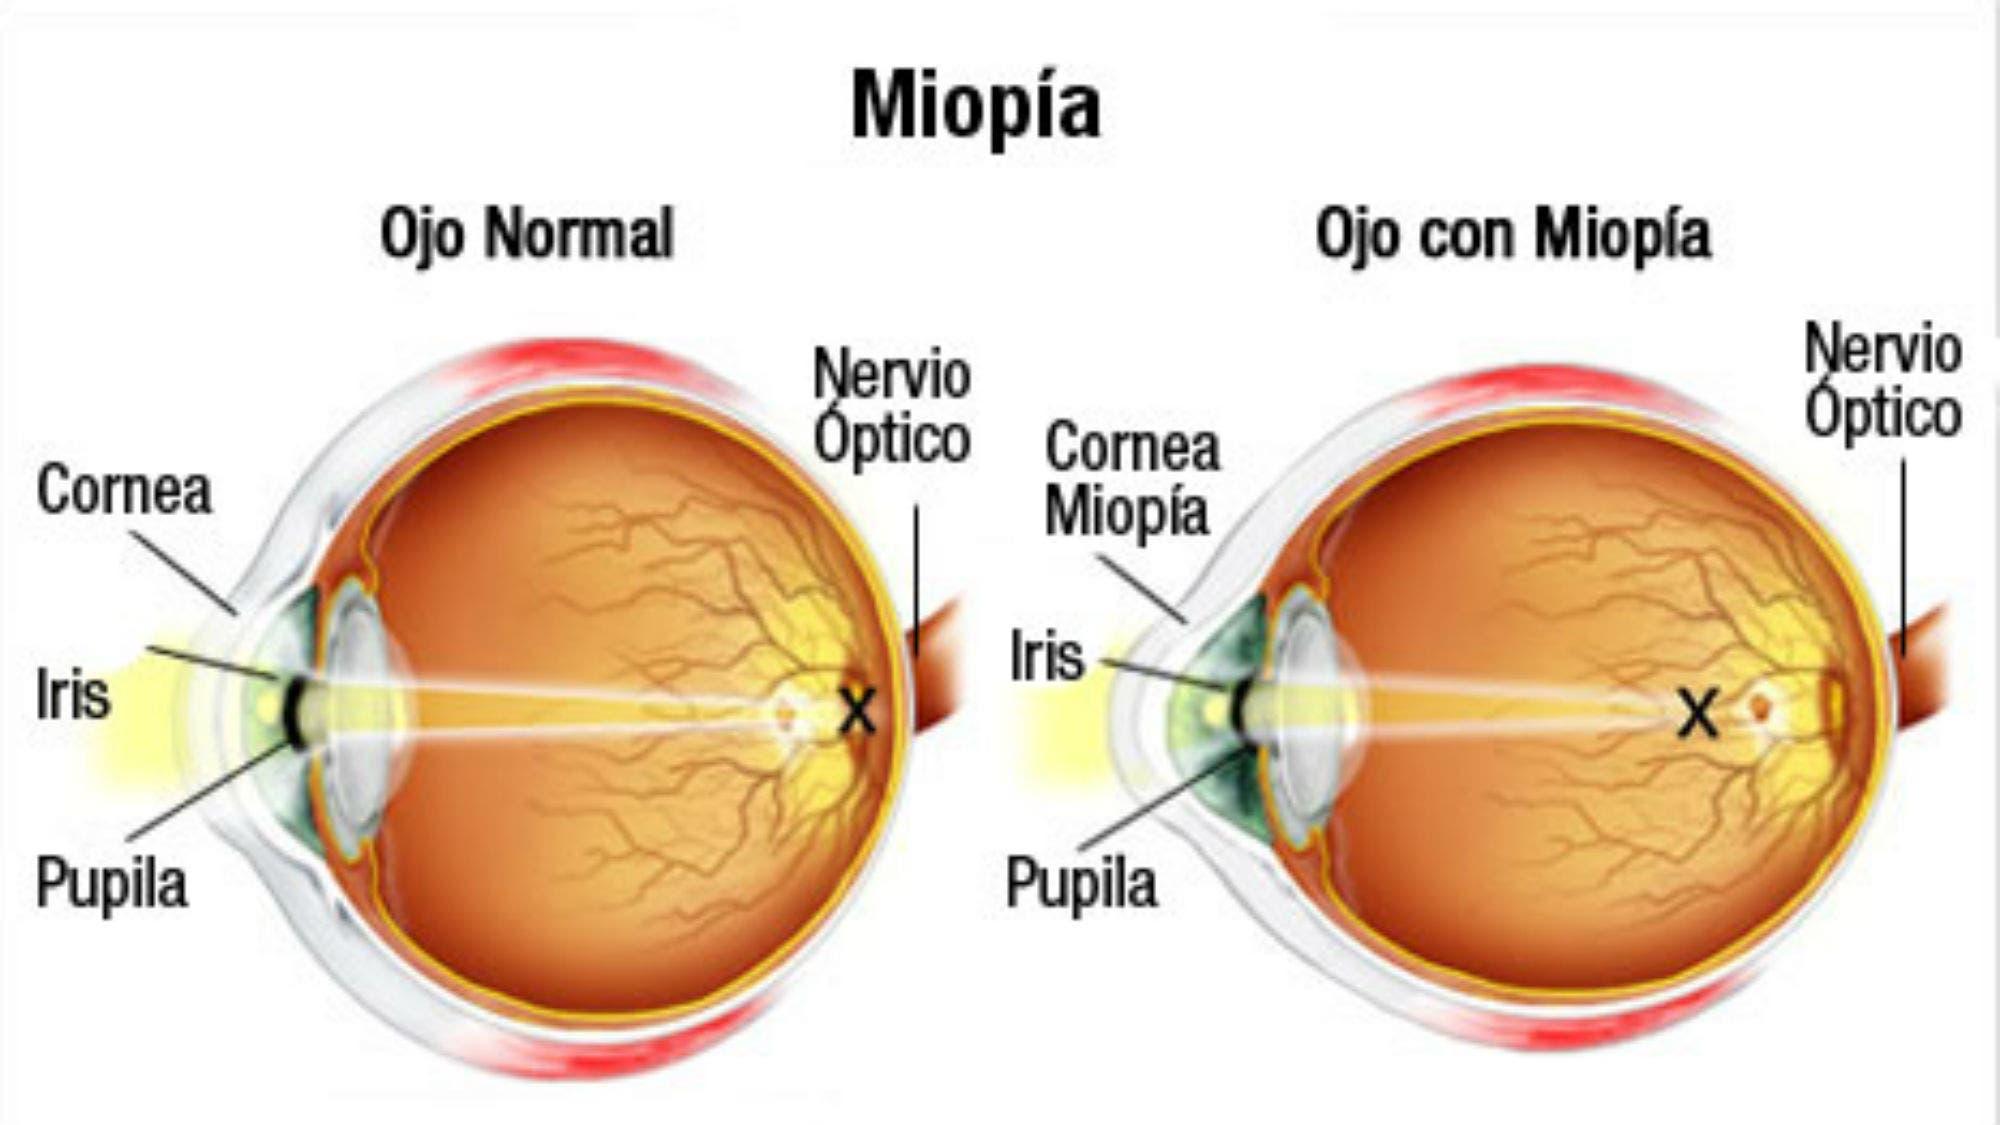 1a43639ef4 Desarrollan una lente de contacto que frena la progresión de la miopía - LA  NACION